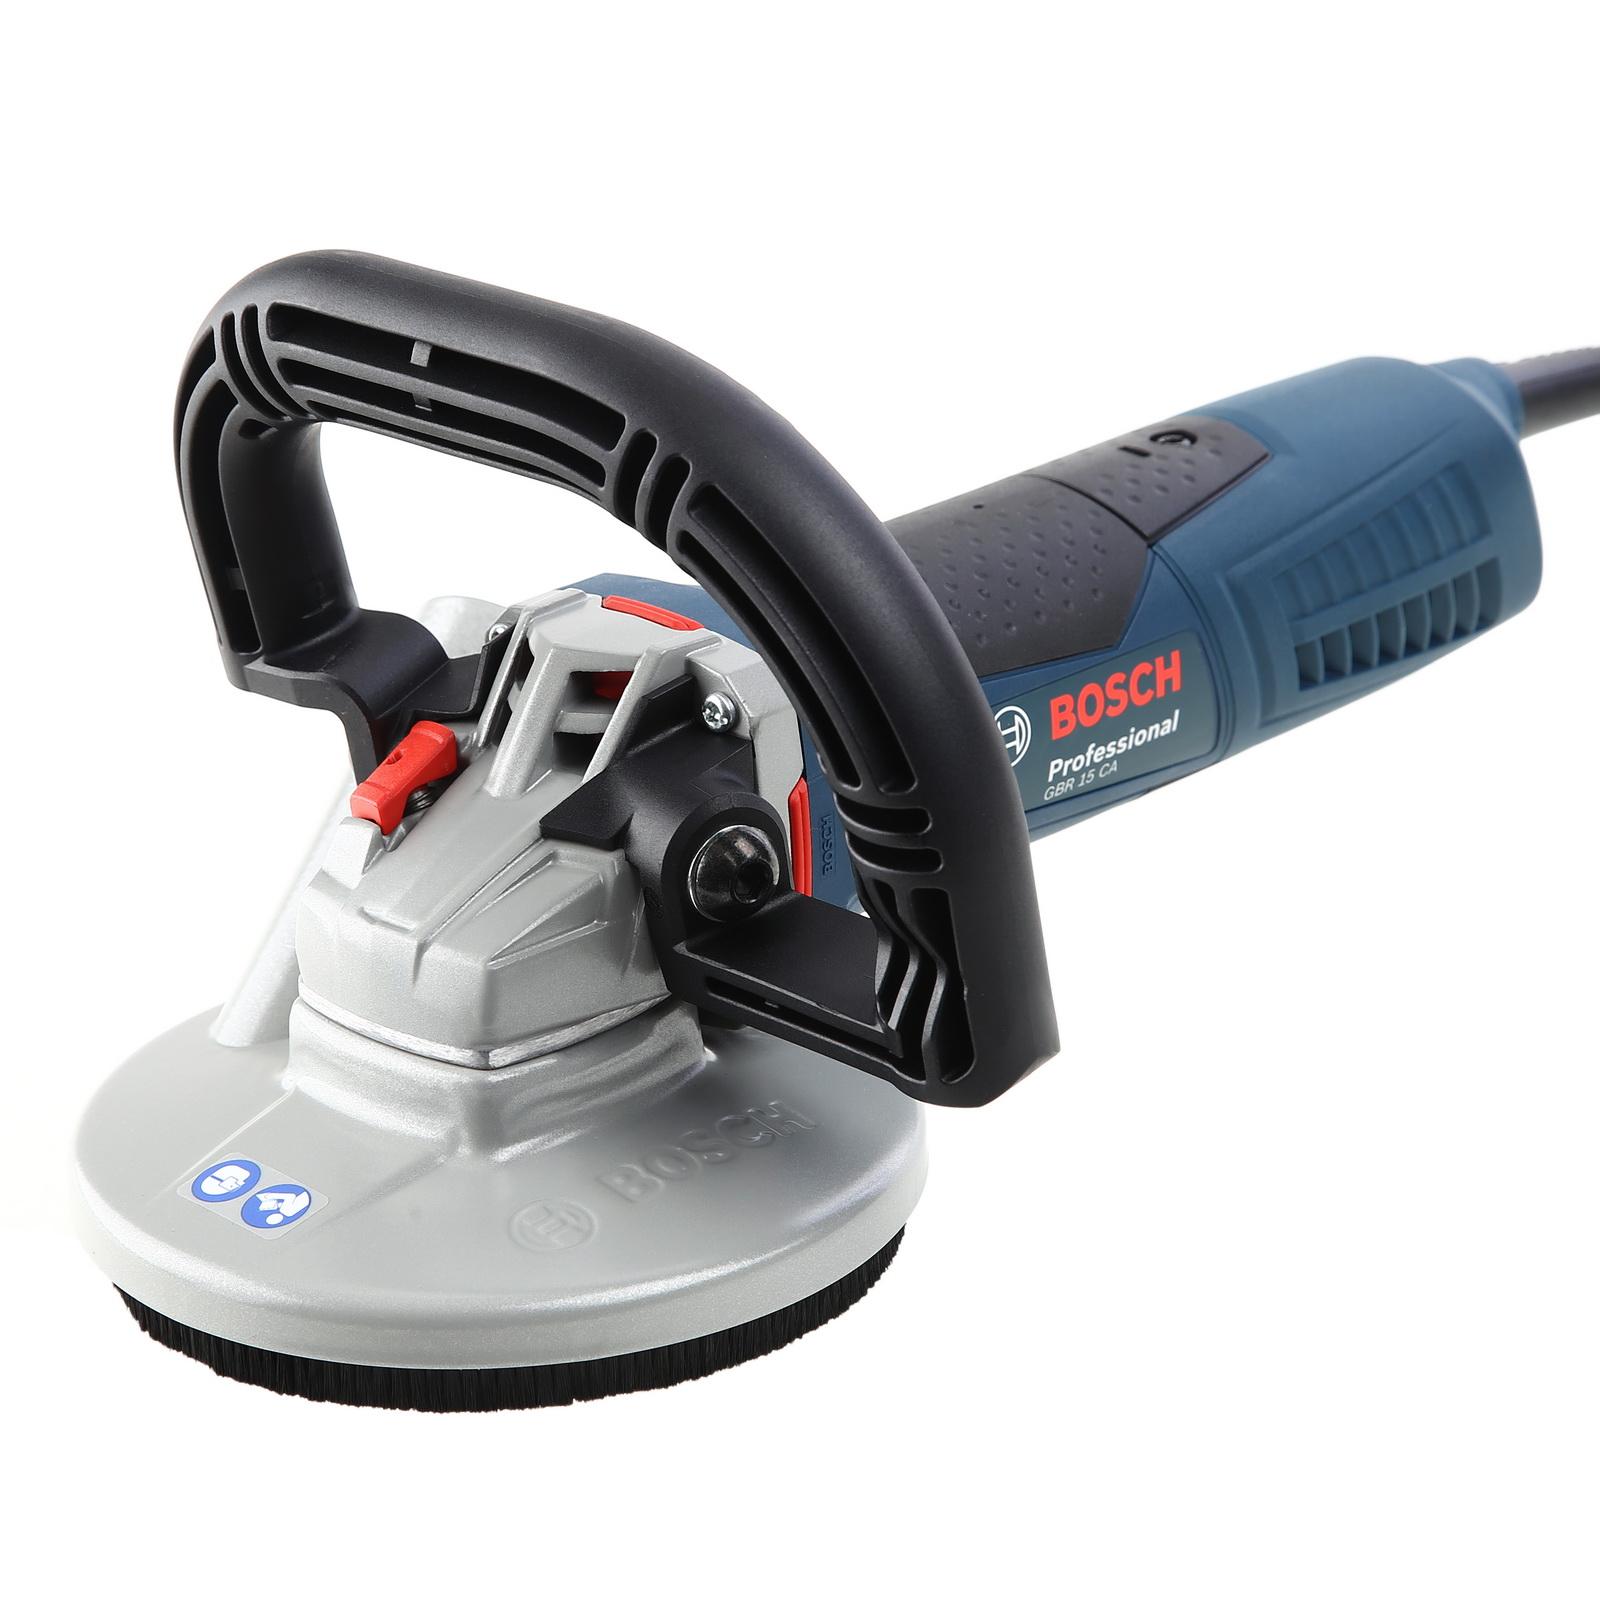 Фотография товара Машинка шлифовальная орбитальная (эксцентриковая) Bosch